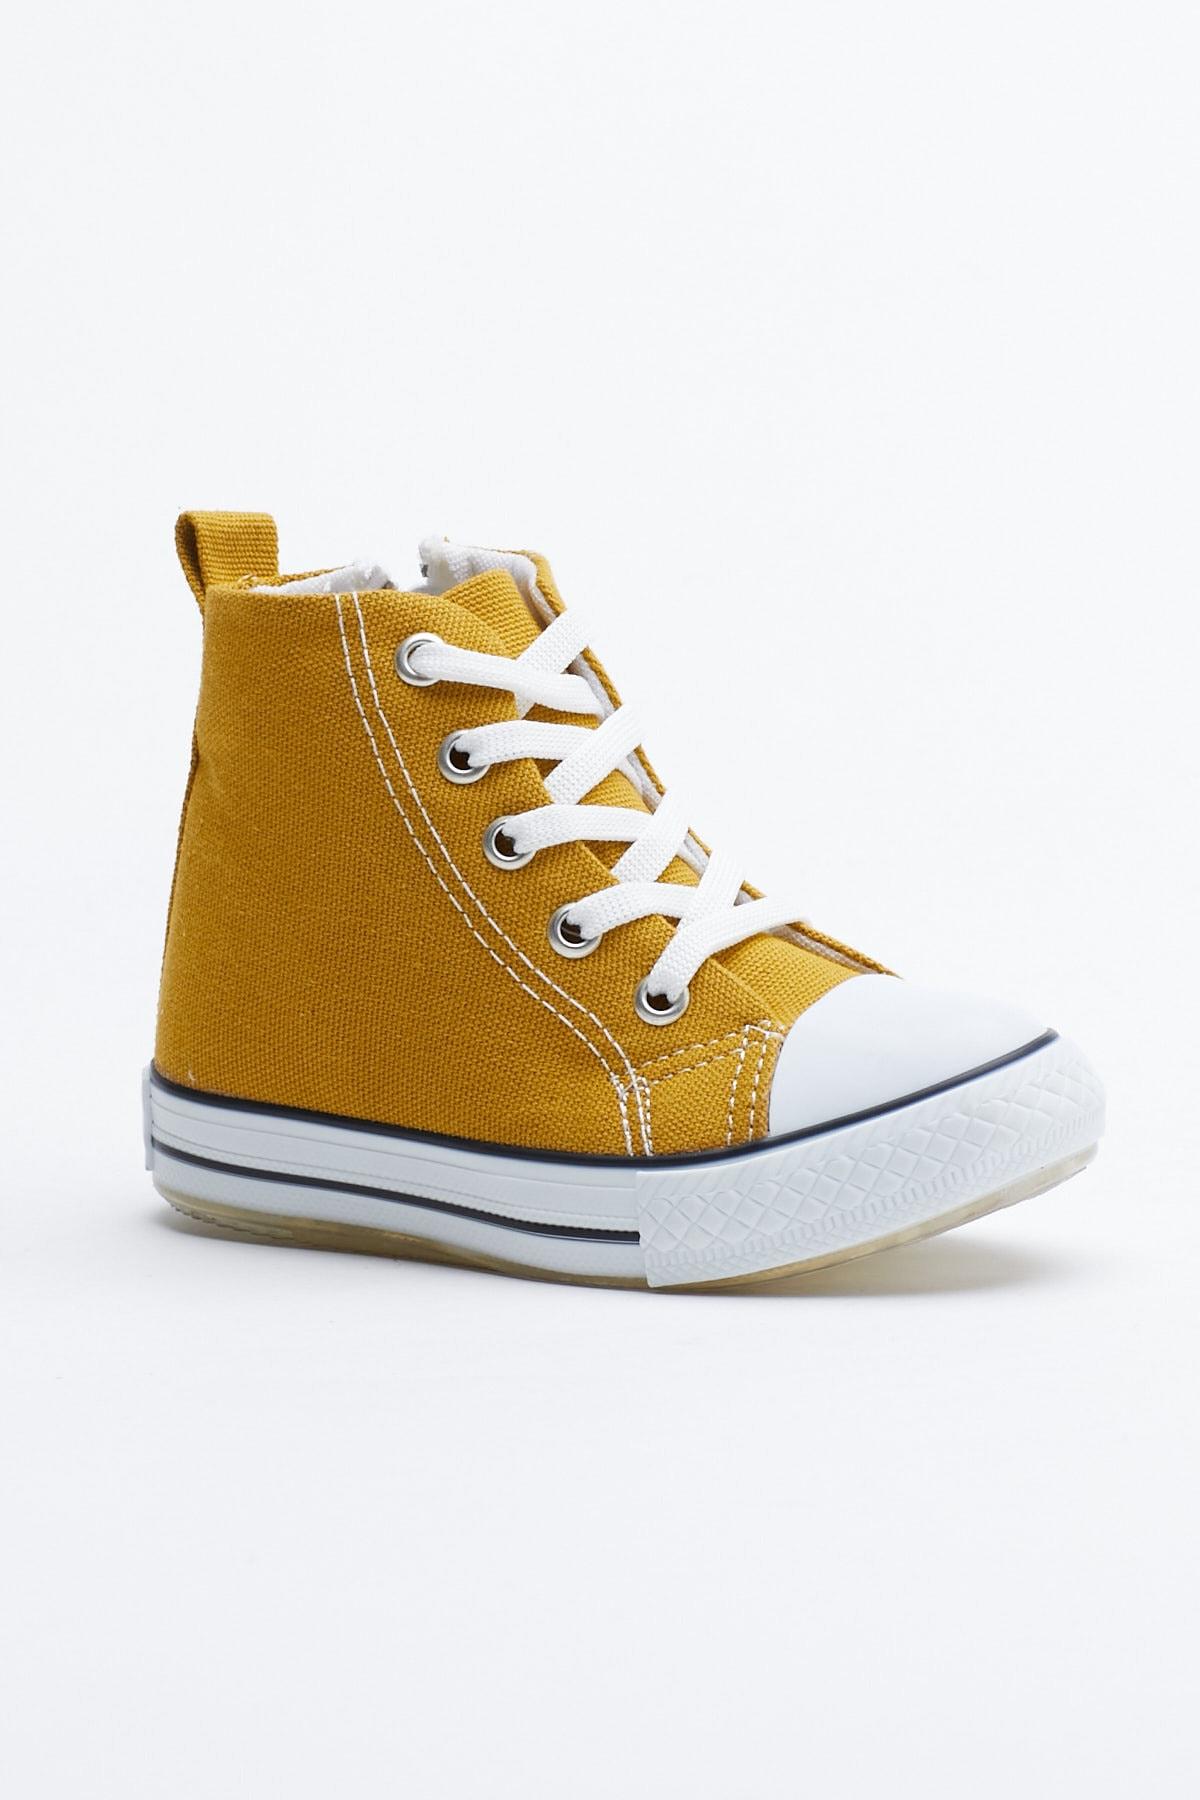 Tonny Black Hardal Çocuk Spor Ayakkabı Uzun Tb999 0